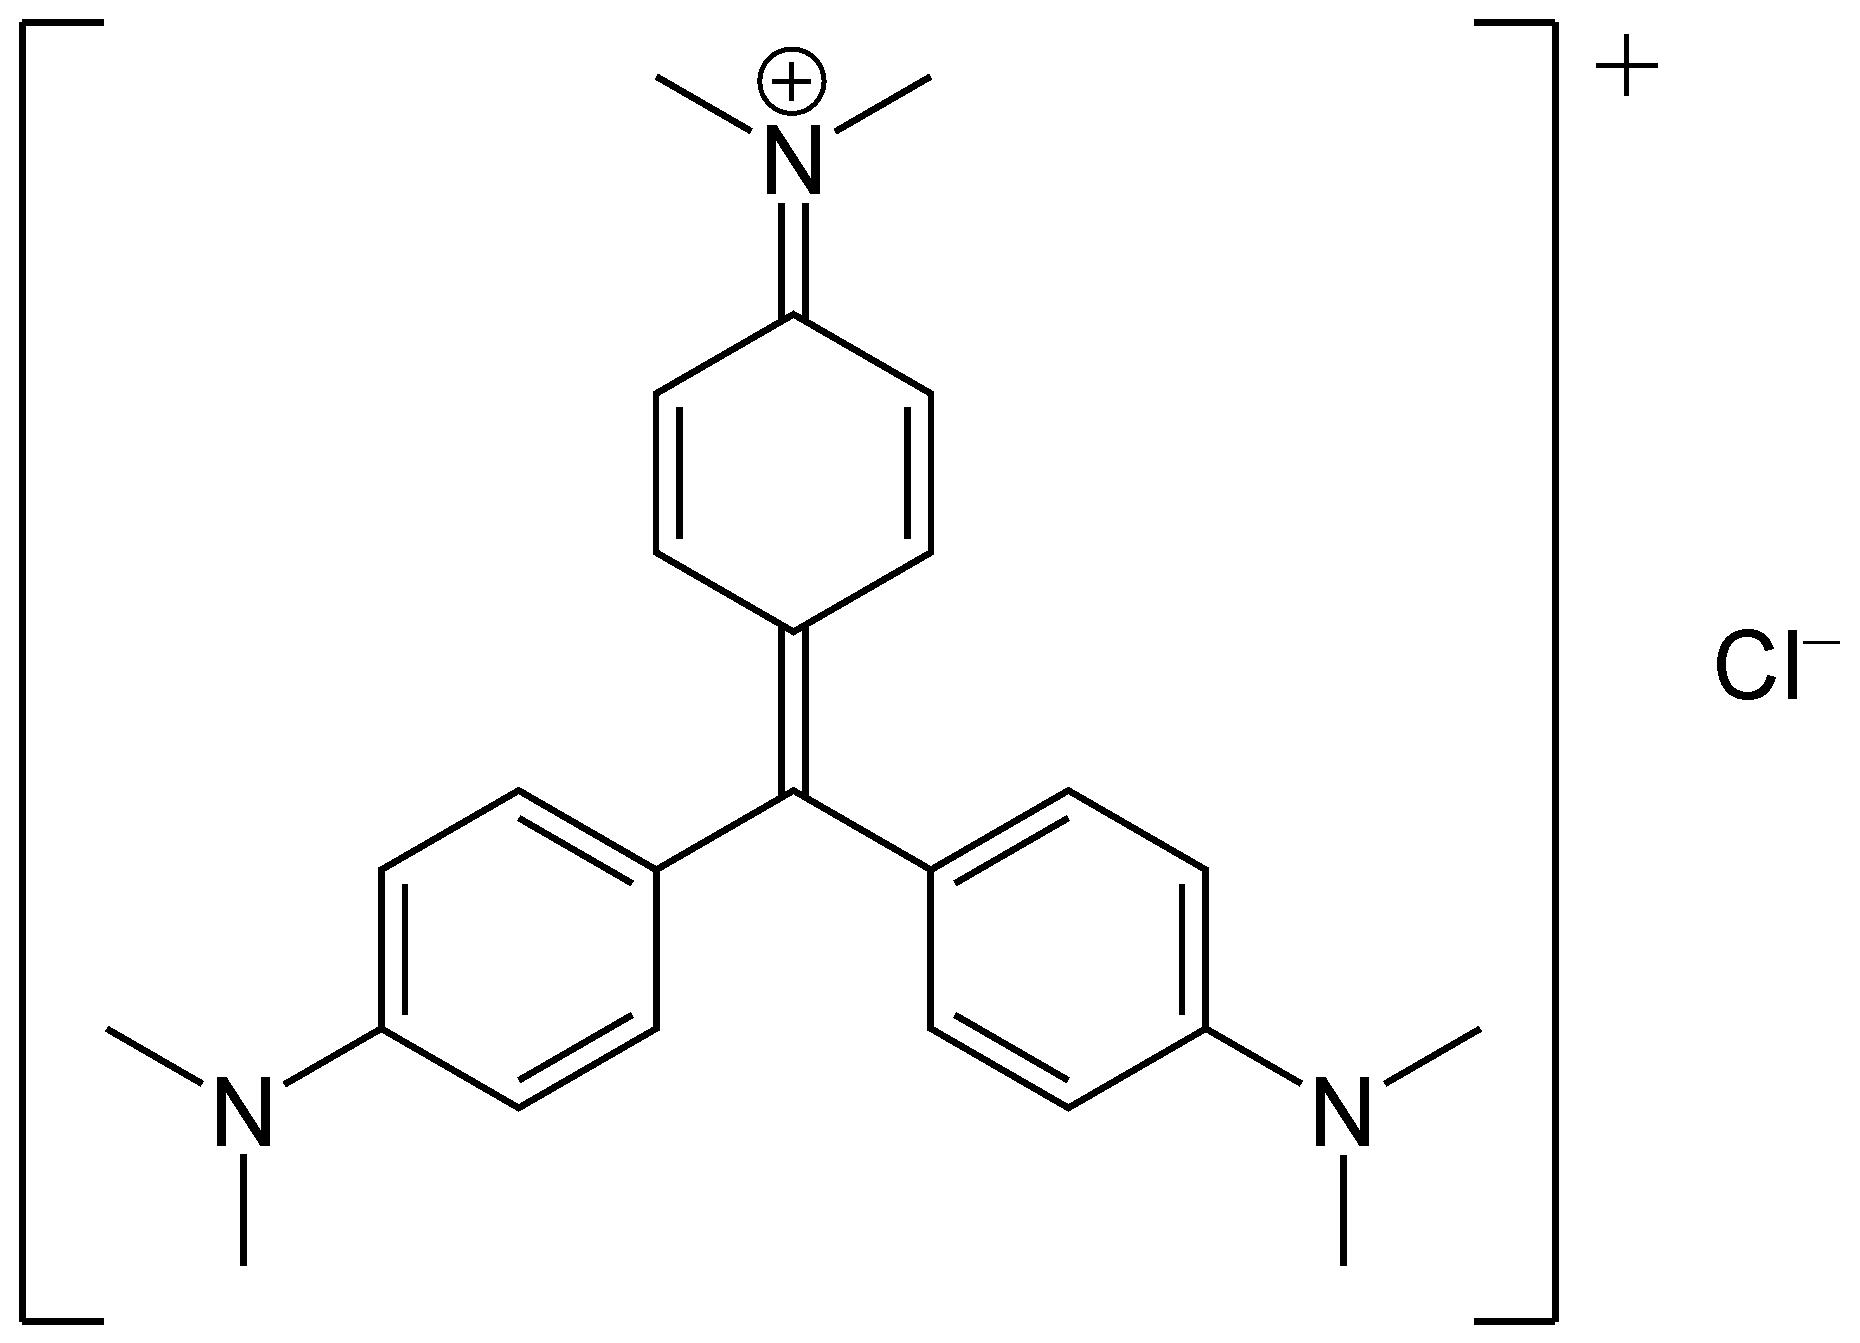 gentian violet  crystal violet  methyl violet  methylrosaniline chloride